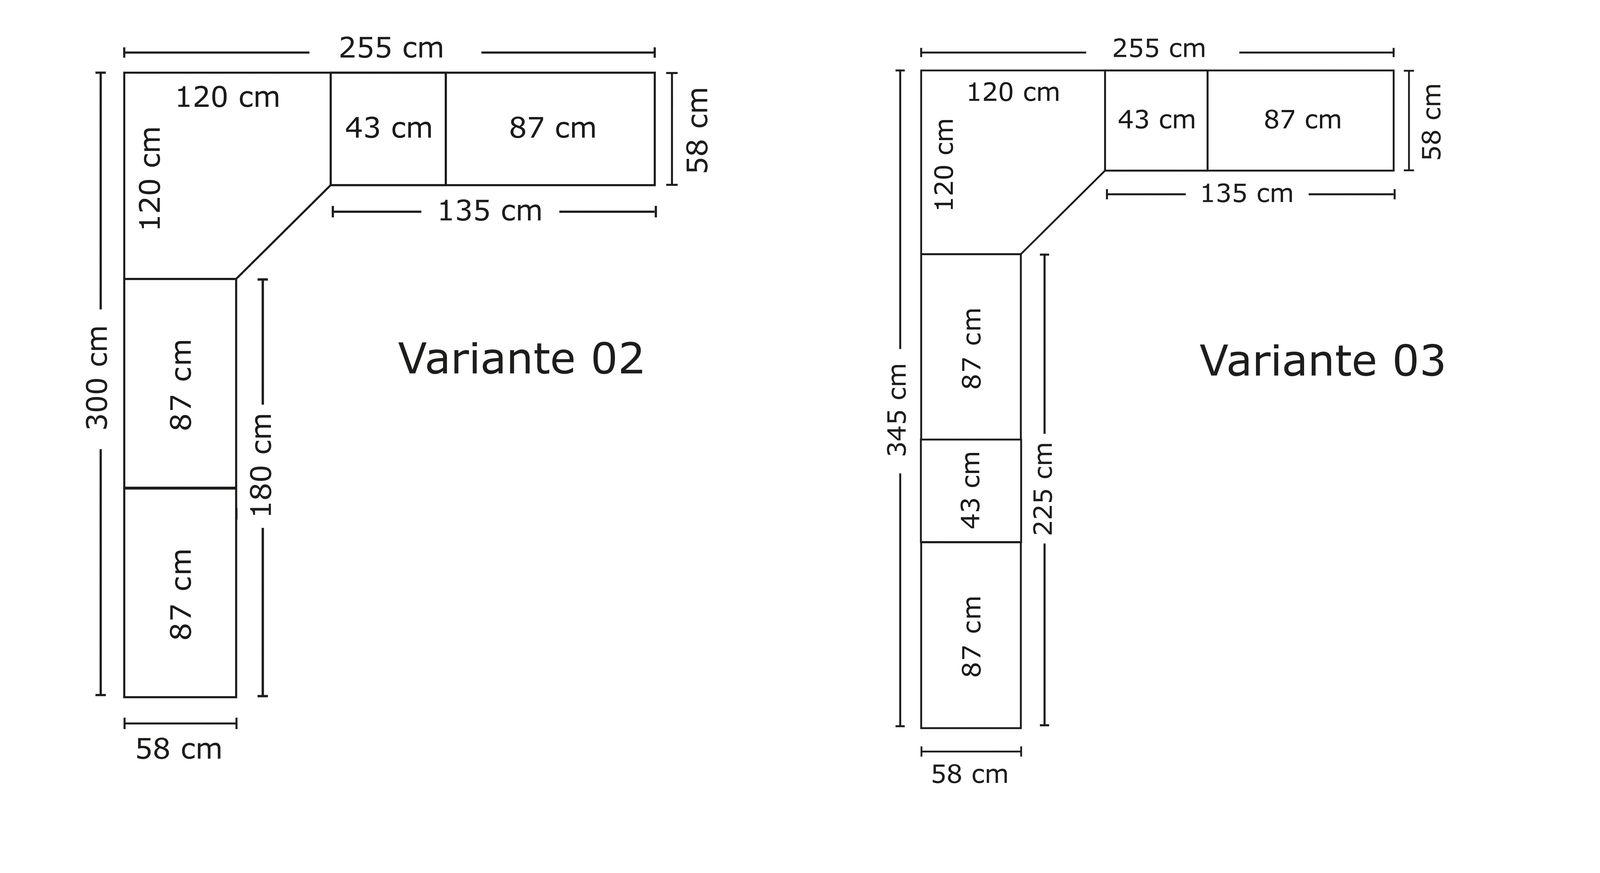 Grafik zu den Maßen des Eck-Kleiderschranks Esperia